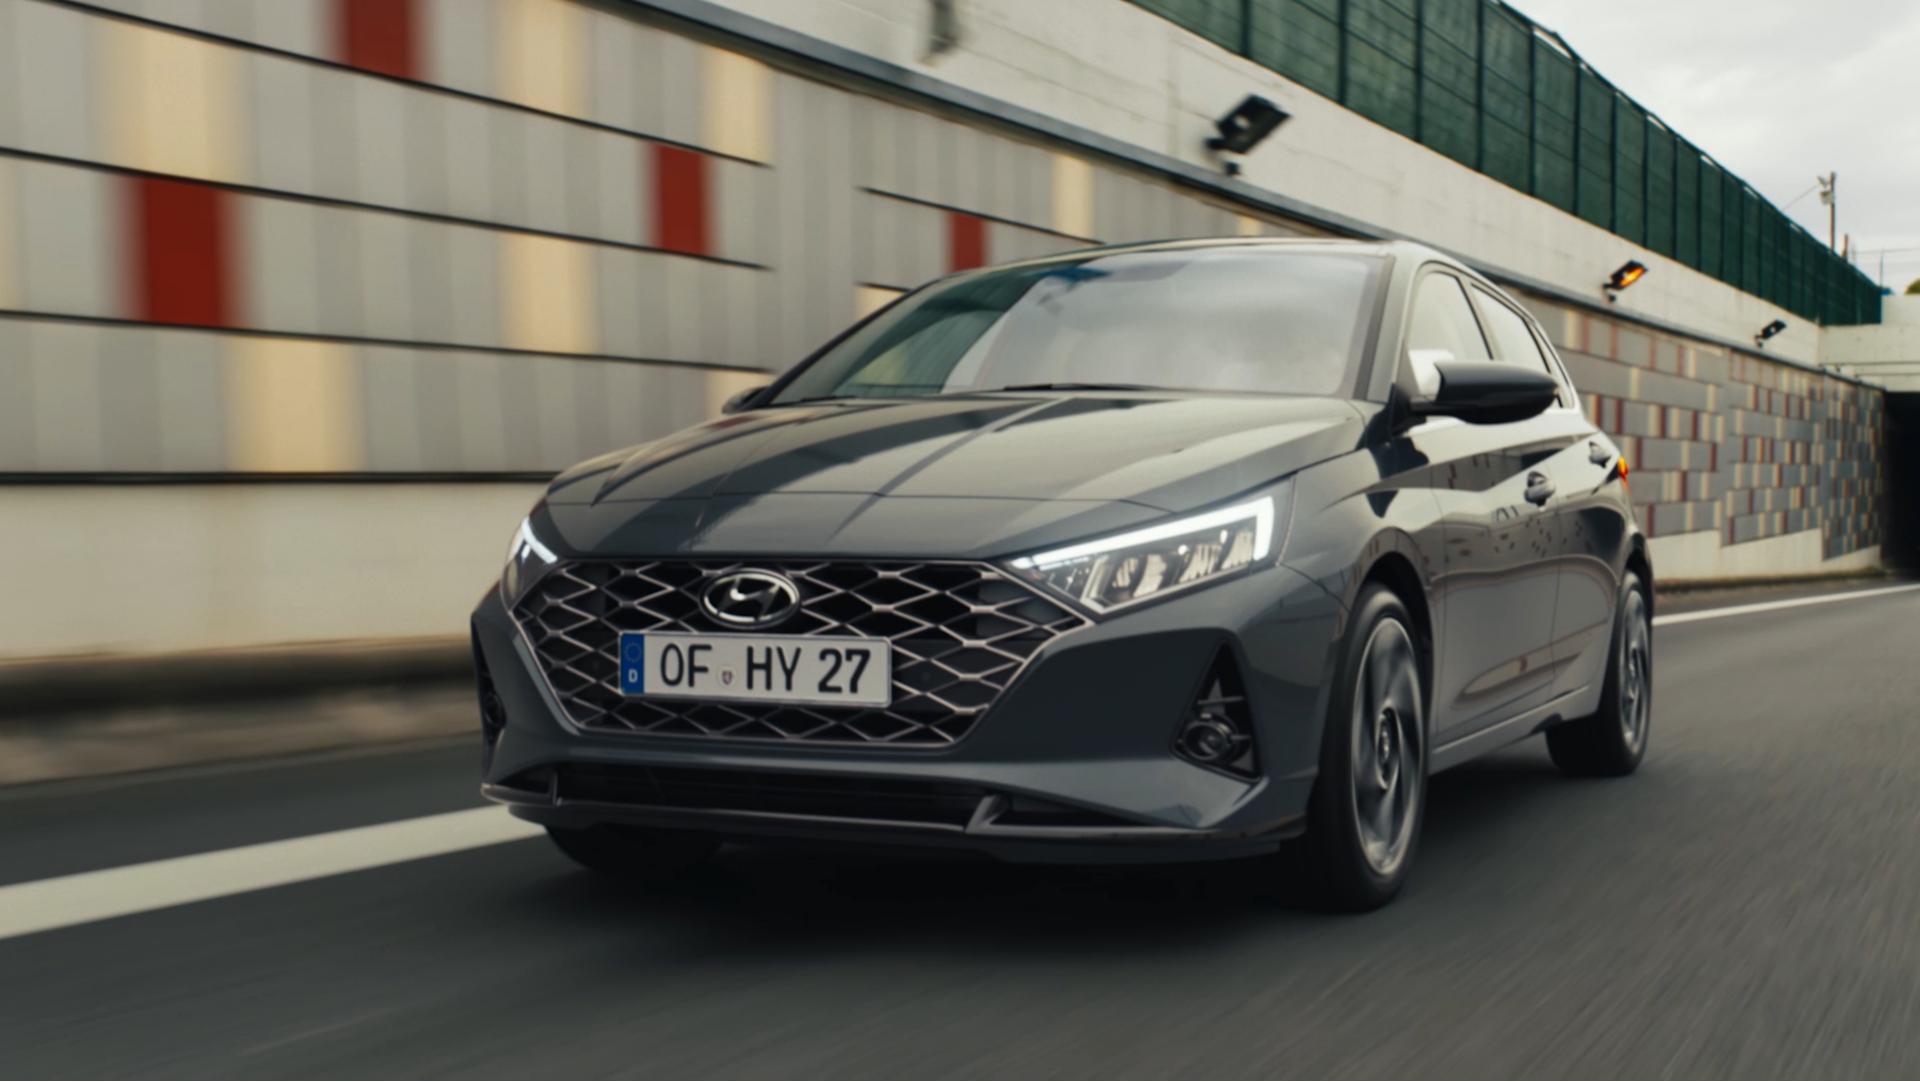 Hyundai Nuova i20: Allestimenti, Versioni e Motorizzazioni